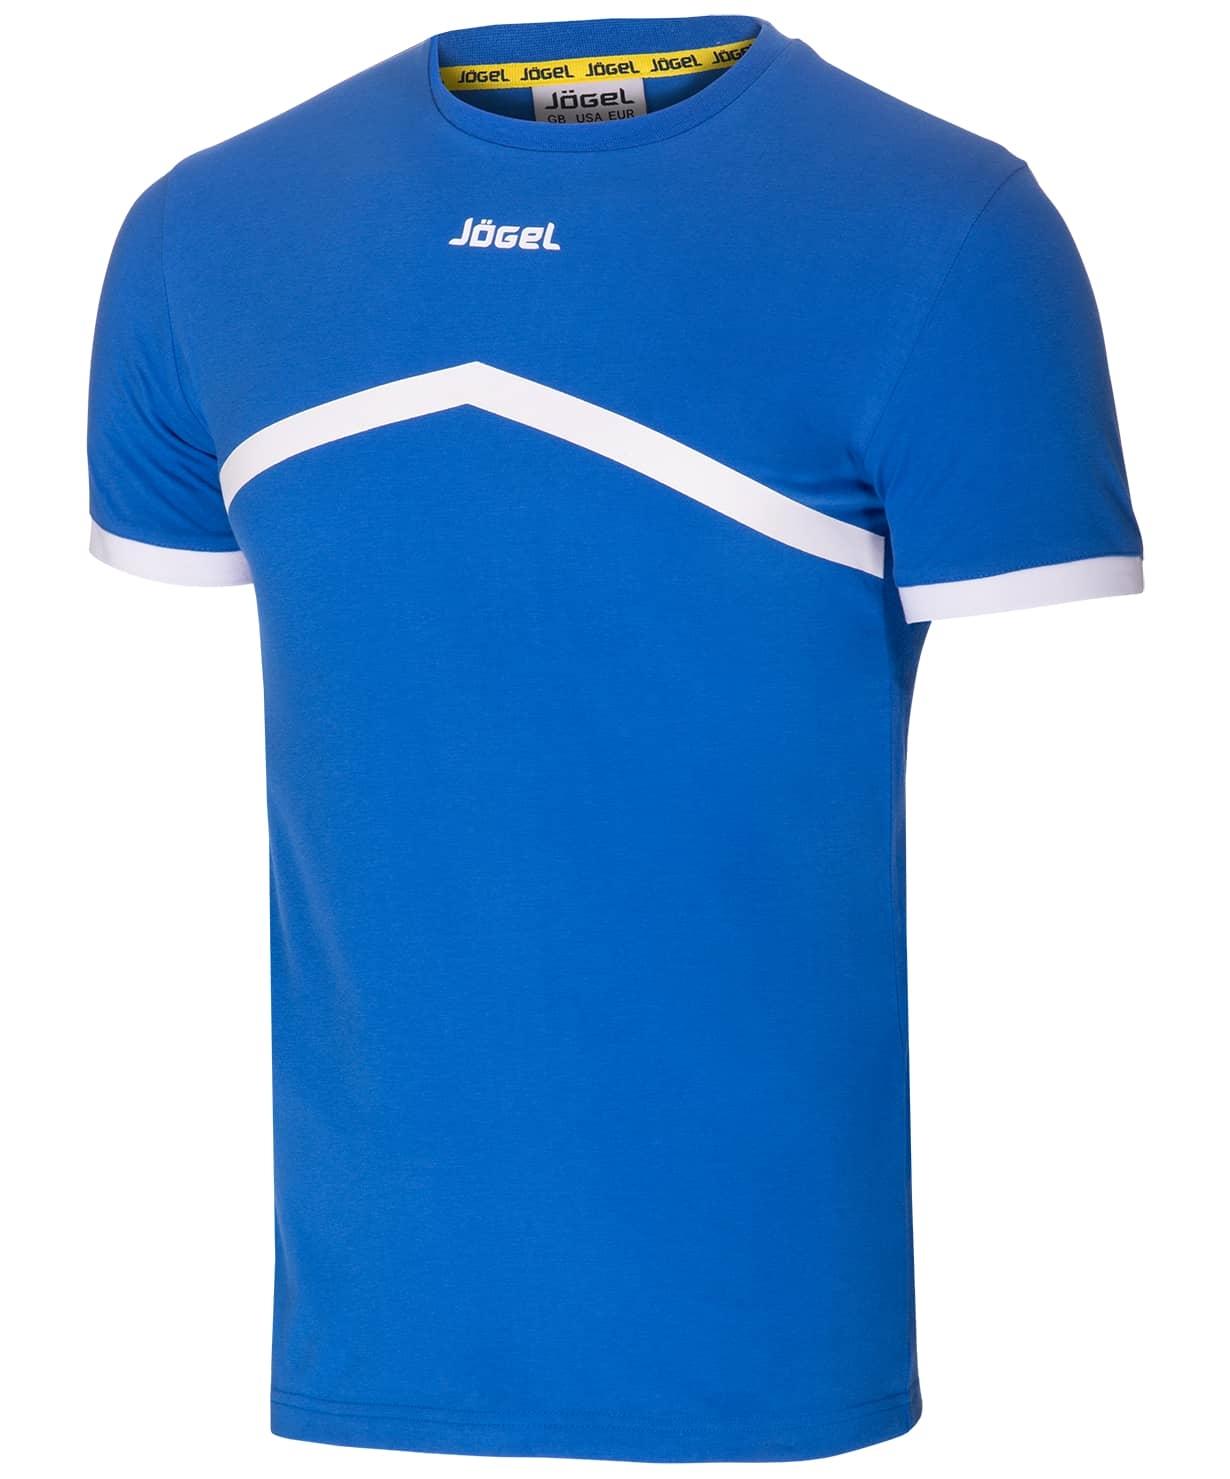 Футболка тренировочная JCT-1040-071, хлопок, синий/белый